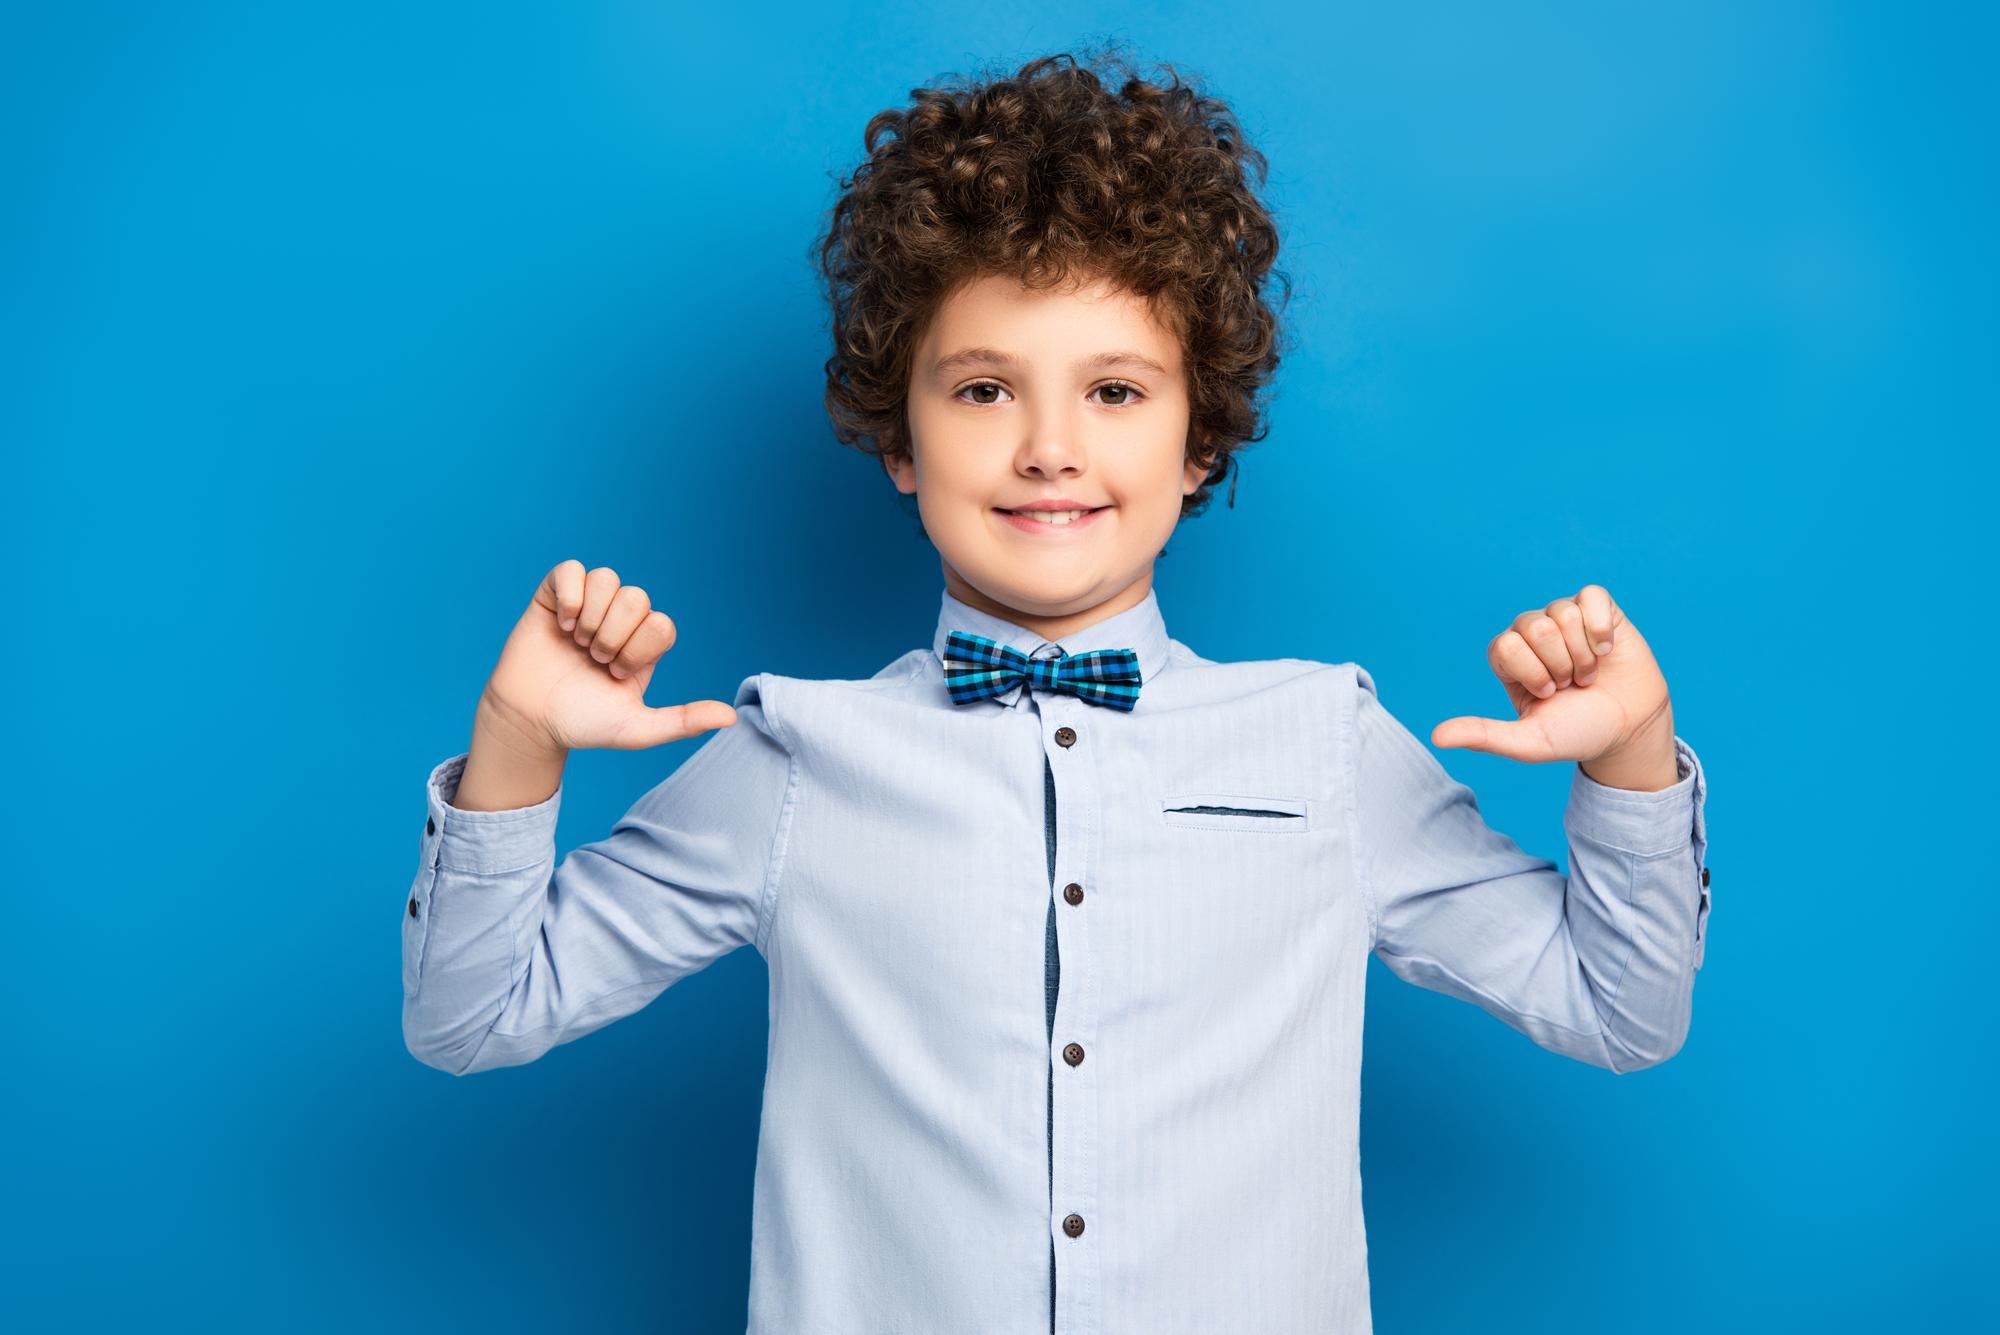 Kindereinfach_Titelbild_Onlinekurs